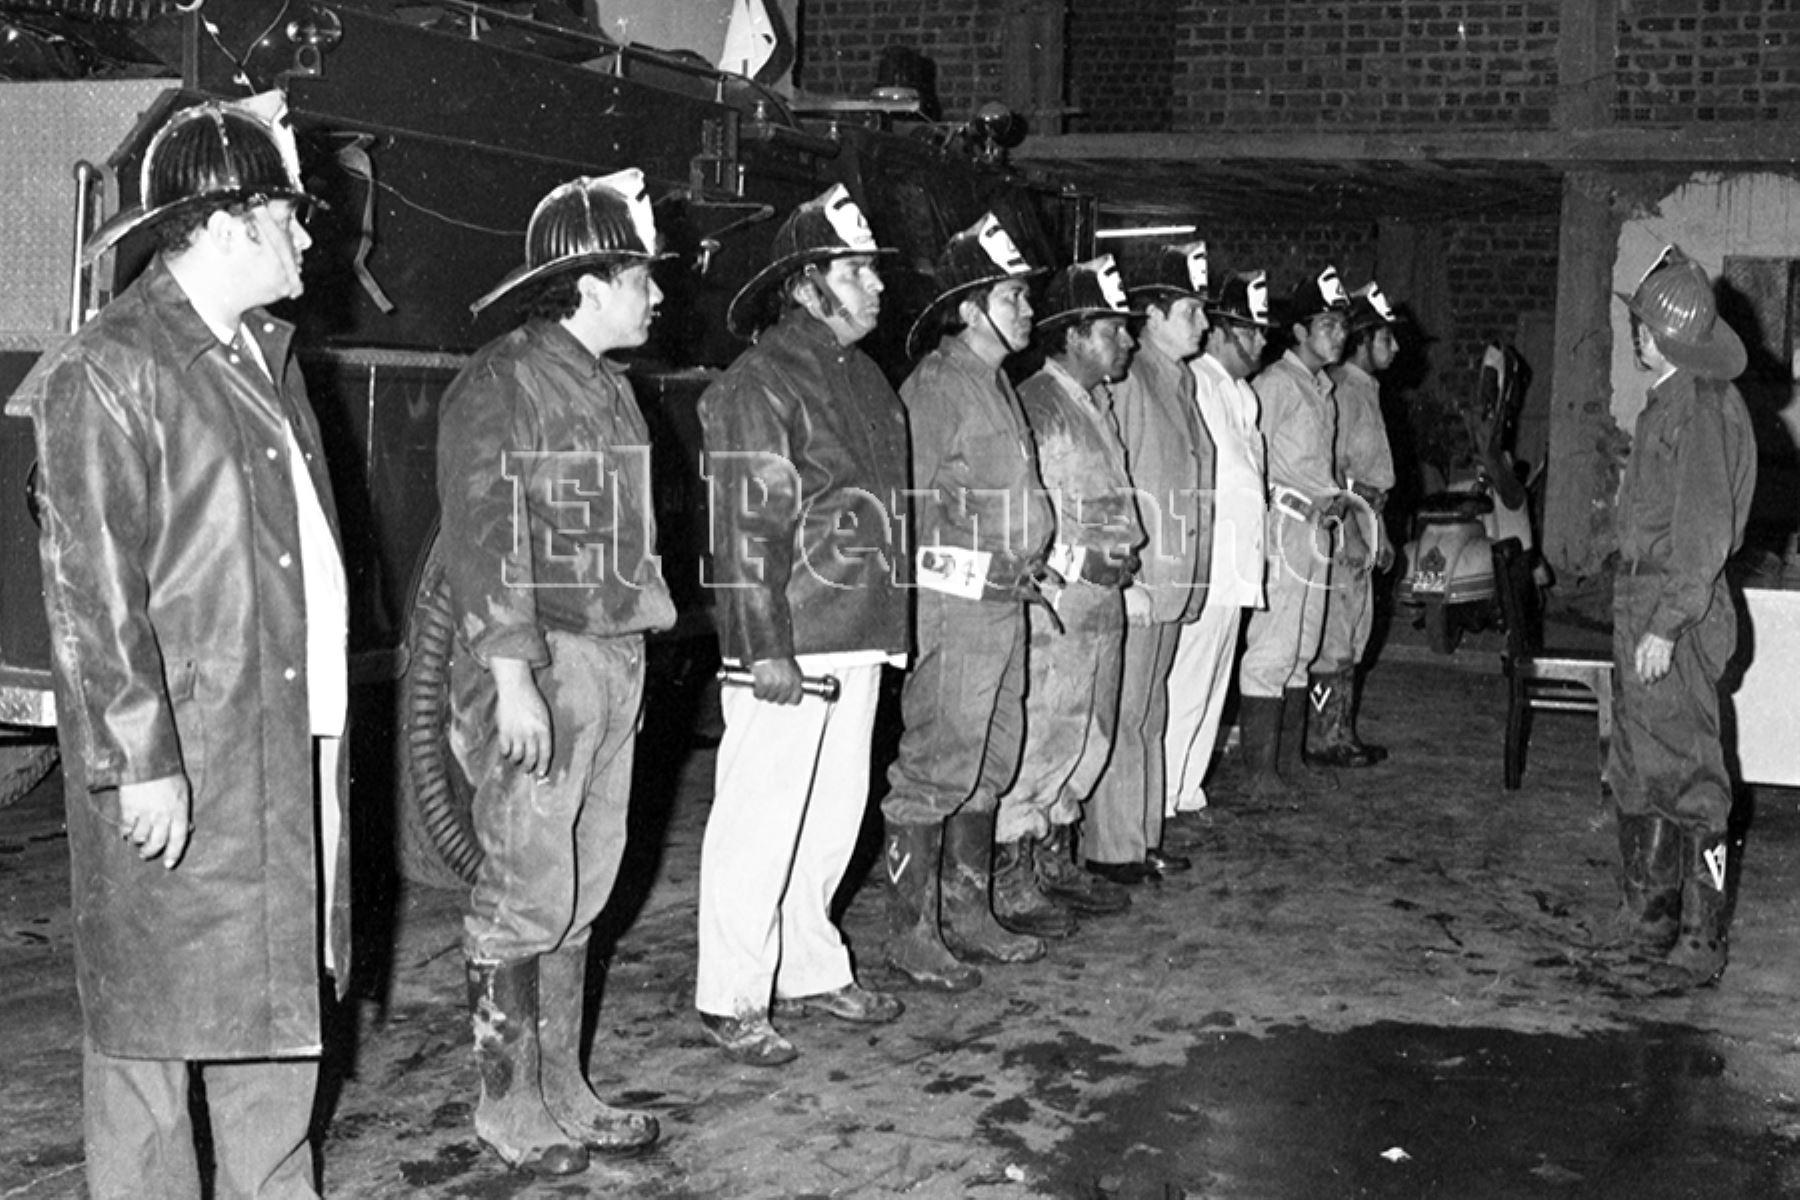 Lima - 1 enero 1975 / Diversas emergencias tuvieron que atender los bomberos durante las celebraciones del año nuevo en el cercado de Lima. Foto: Archivo Histórico de EL PERUANO